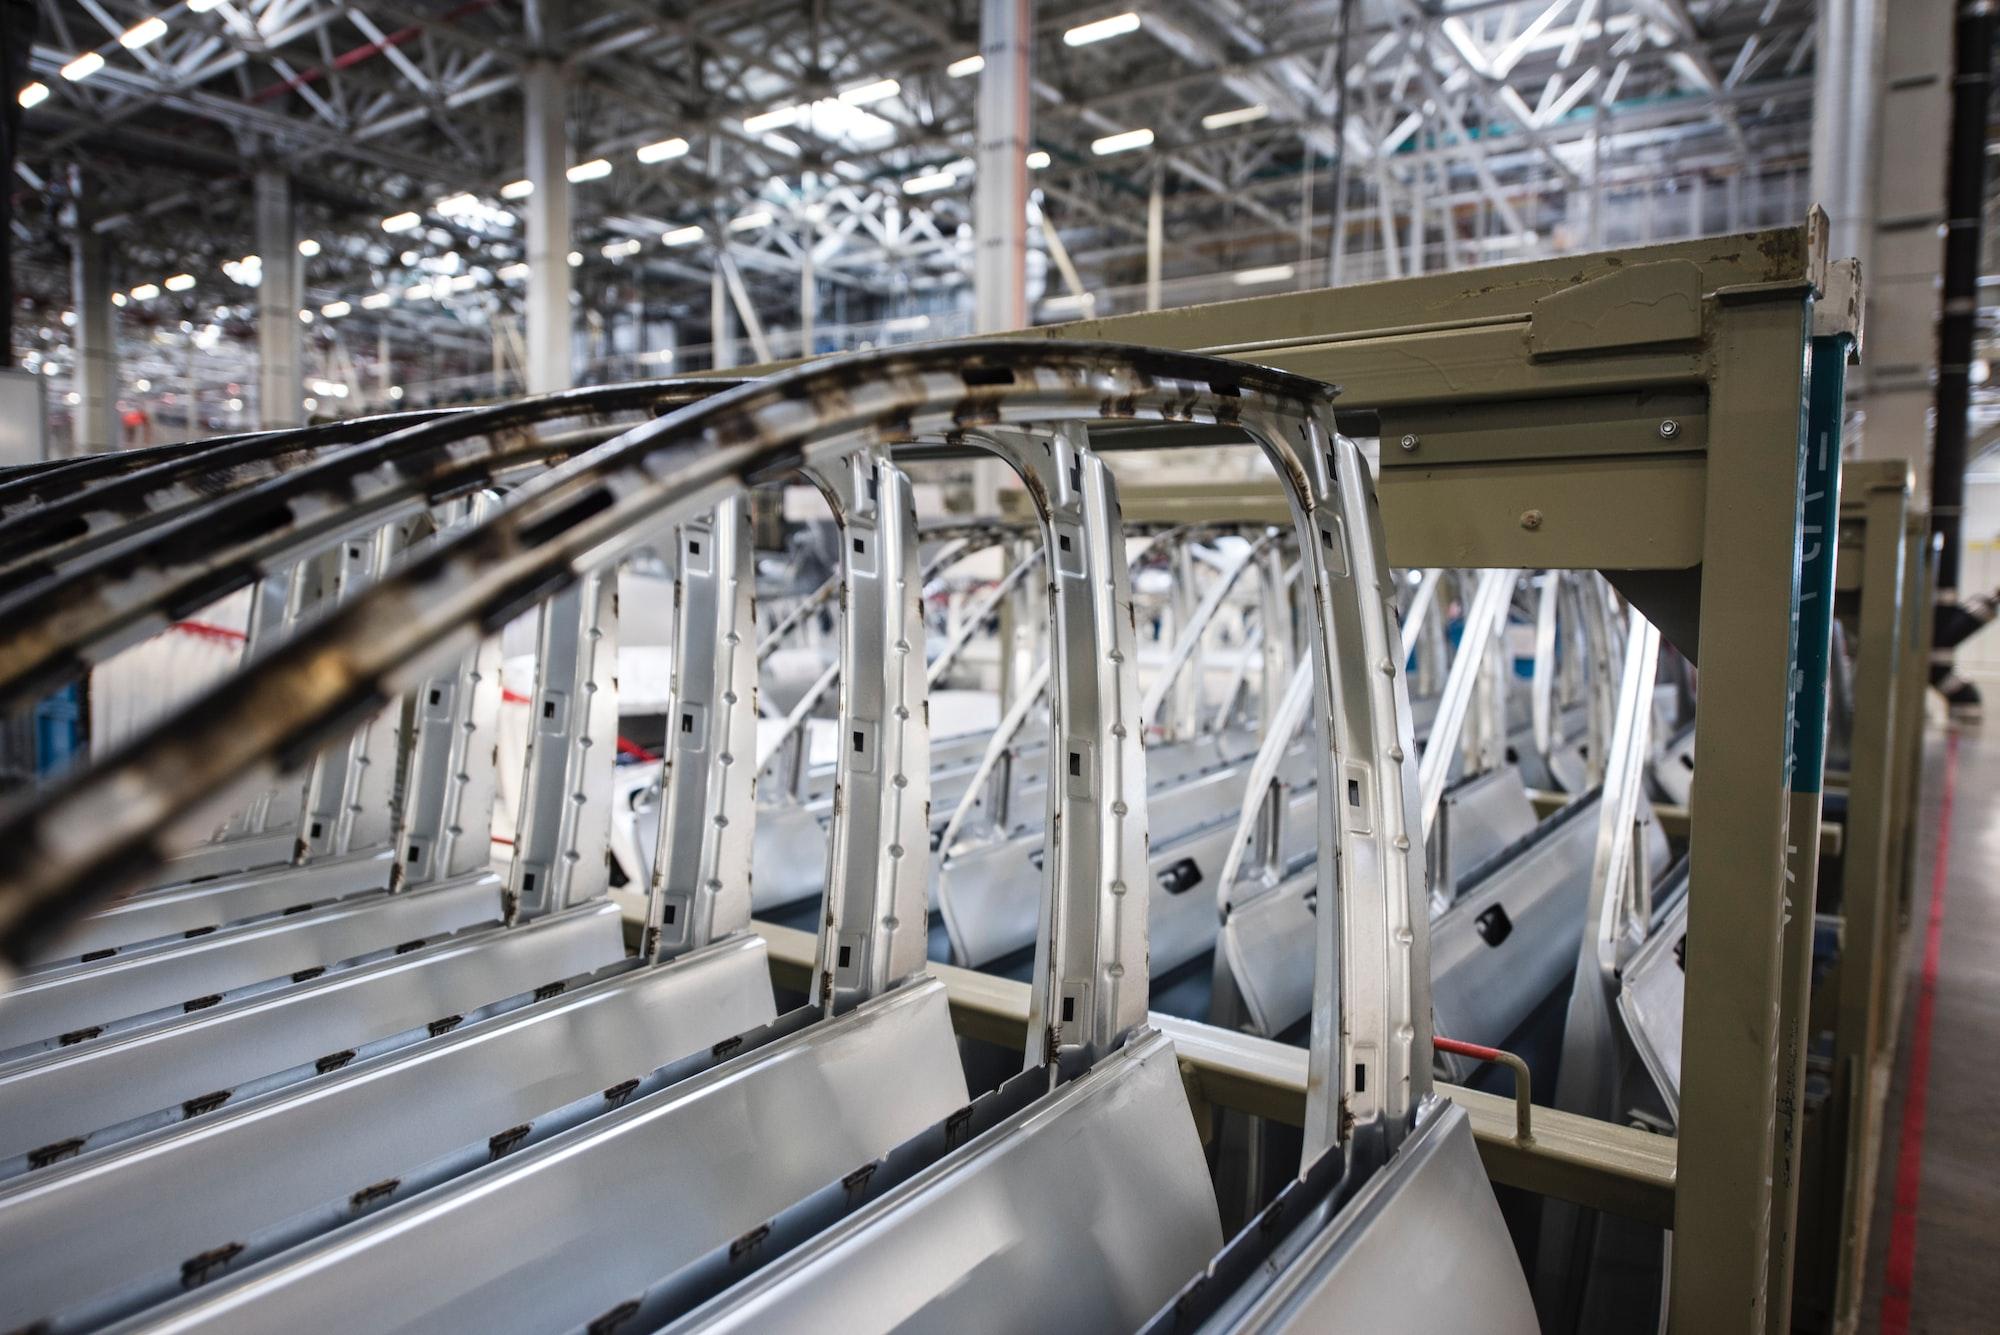 Short Stories: The Mattress Factory (part 1)